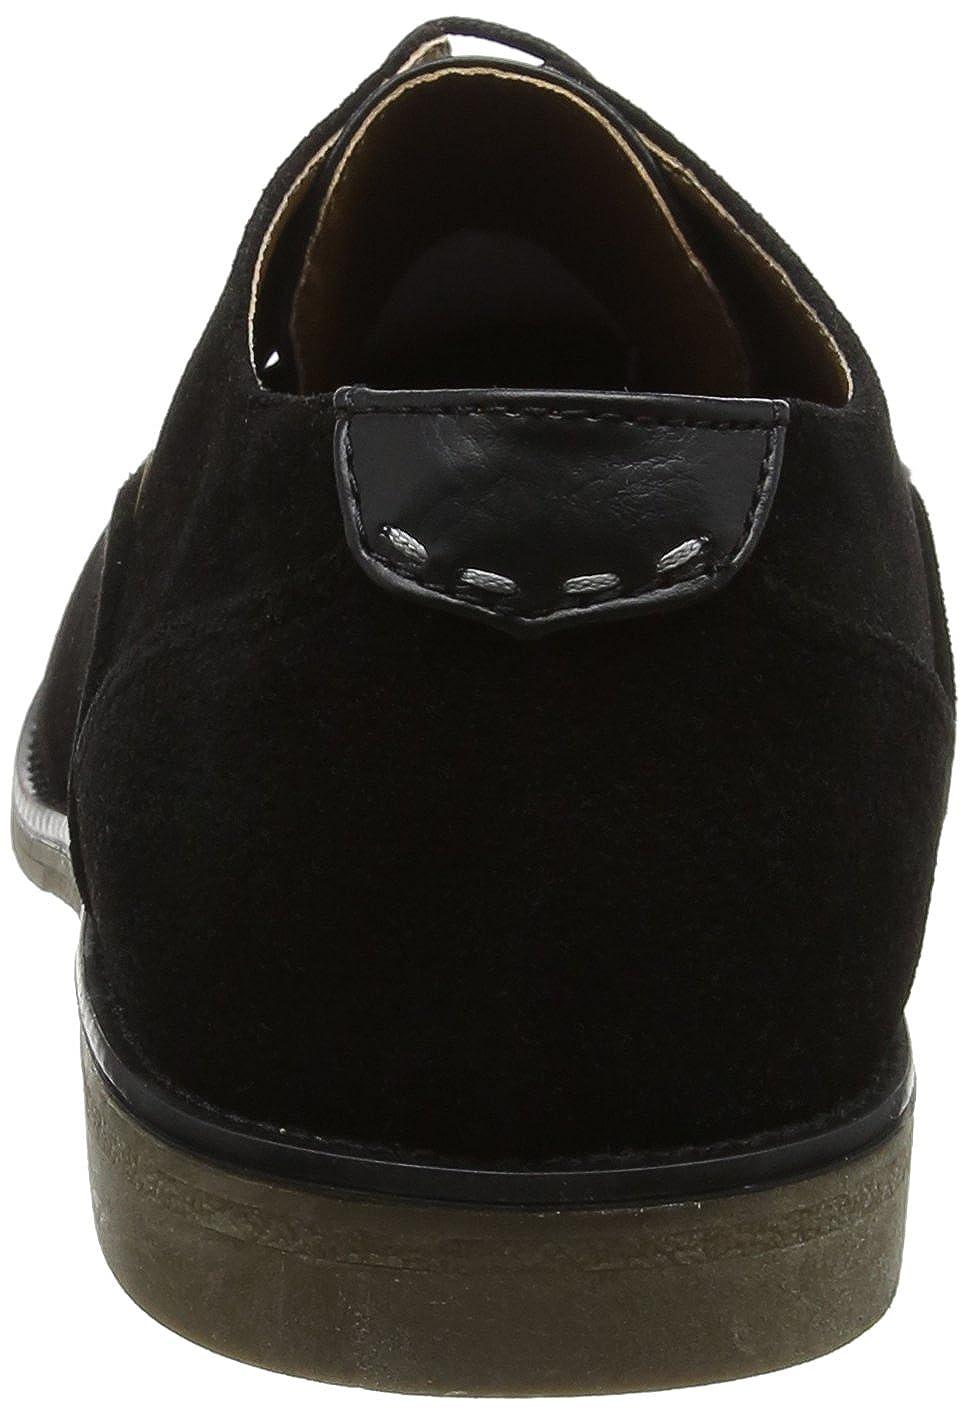 Zapatos de Cordones Derby para Hombre bugatti 3.11173e+11